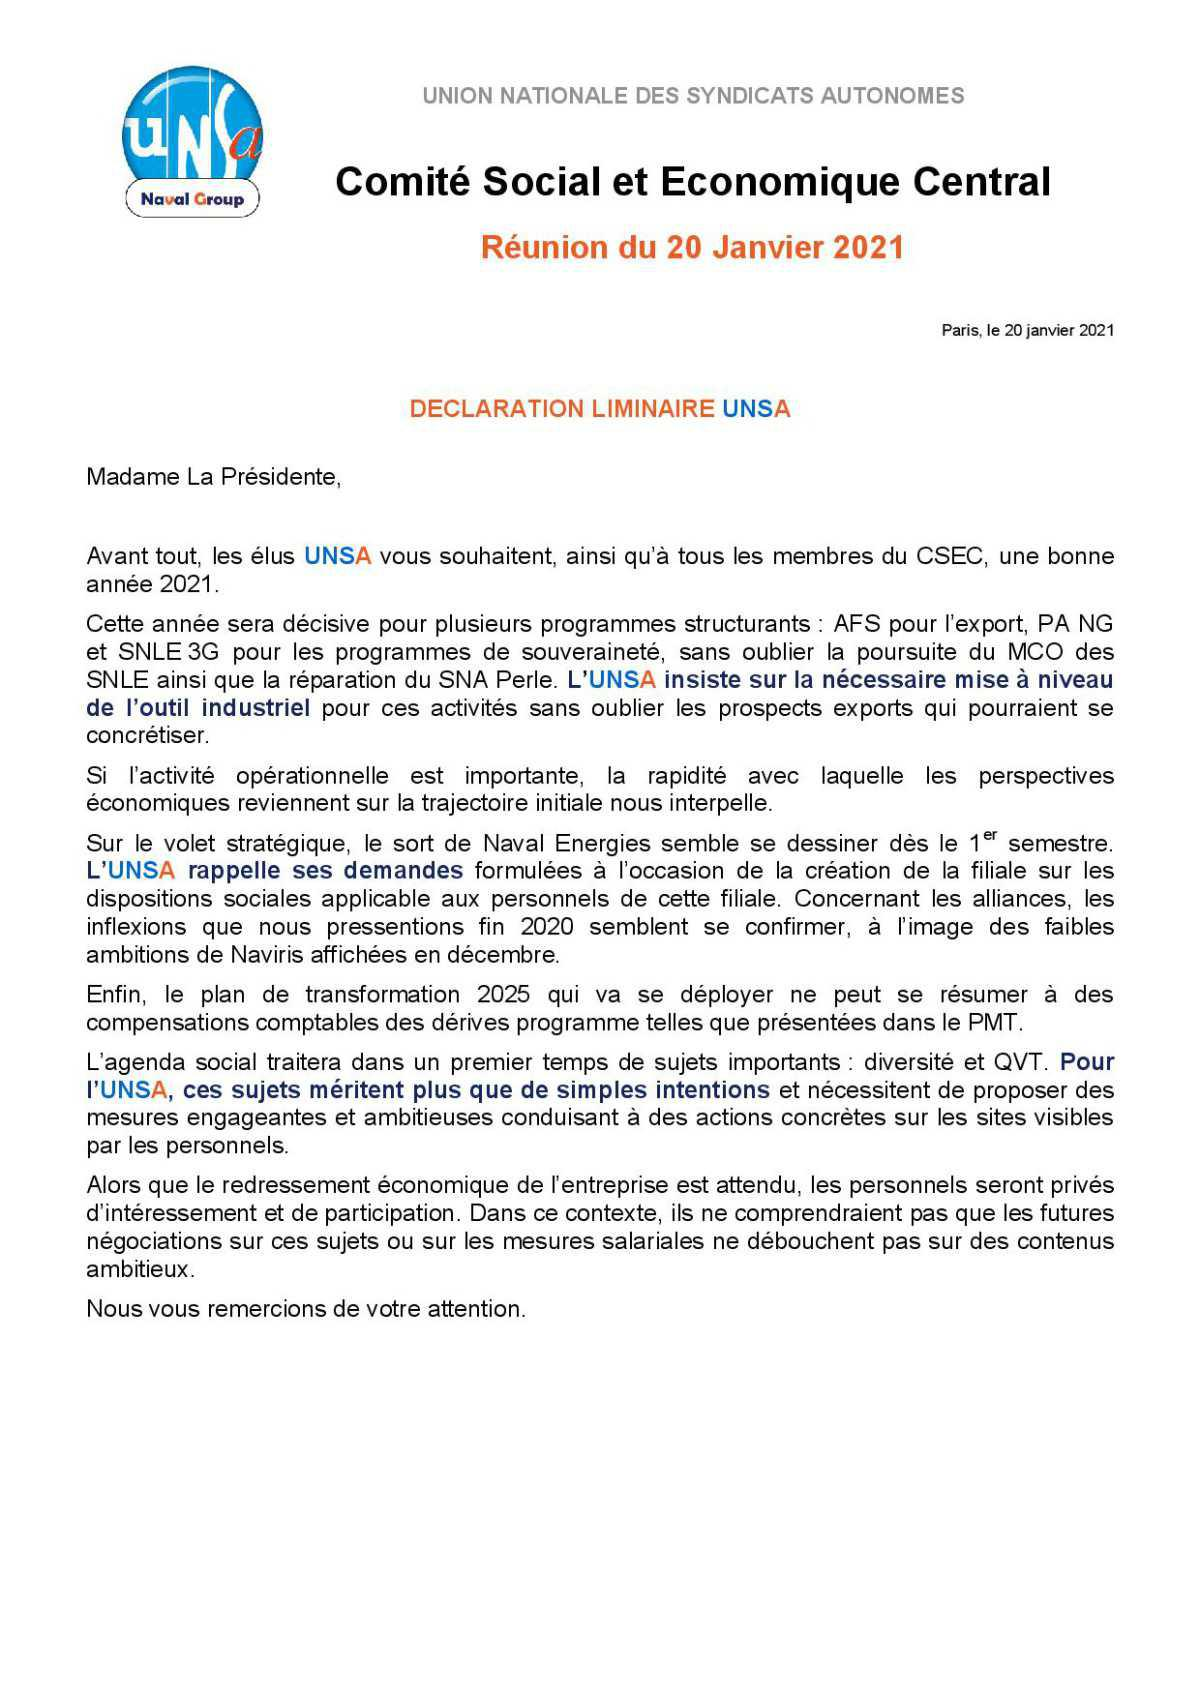 Réunion du 20 janvier 2021 - déclaration liminaire